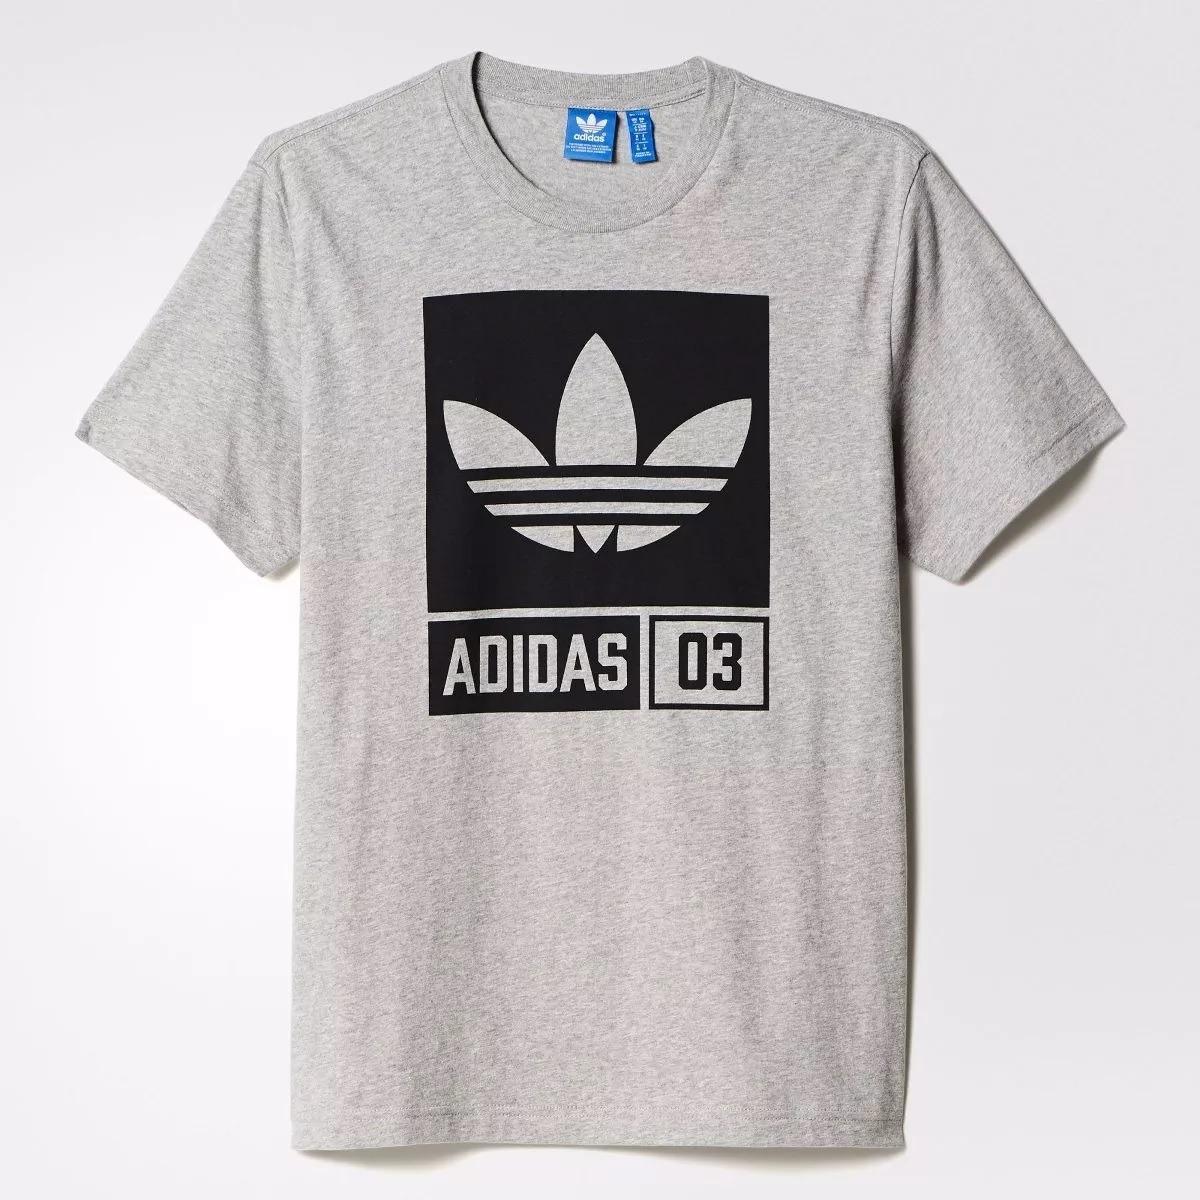 276e28c9c88e4 camiseta adidas originals str grp - masculina. Carregando zoom.